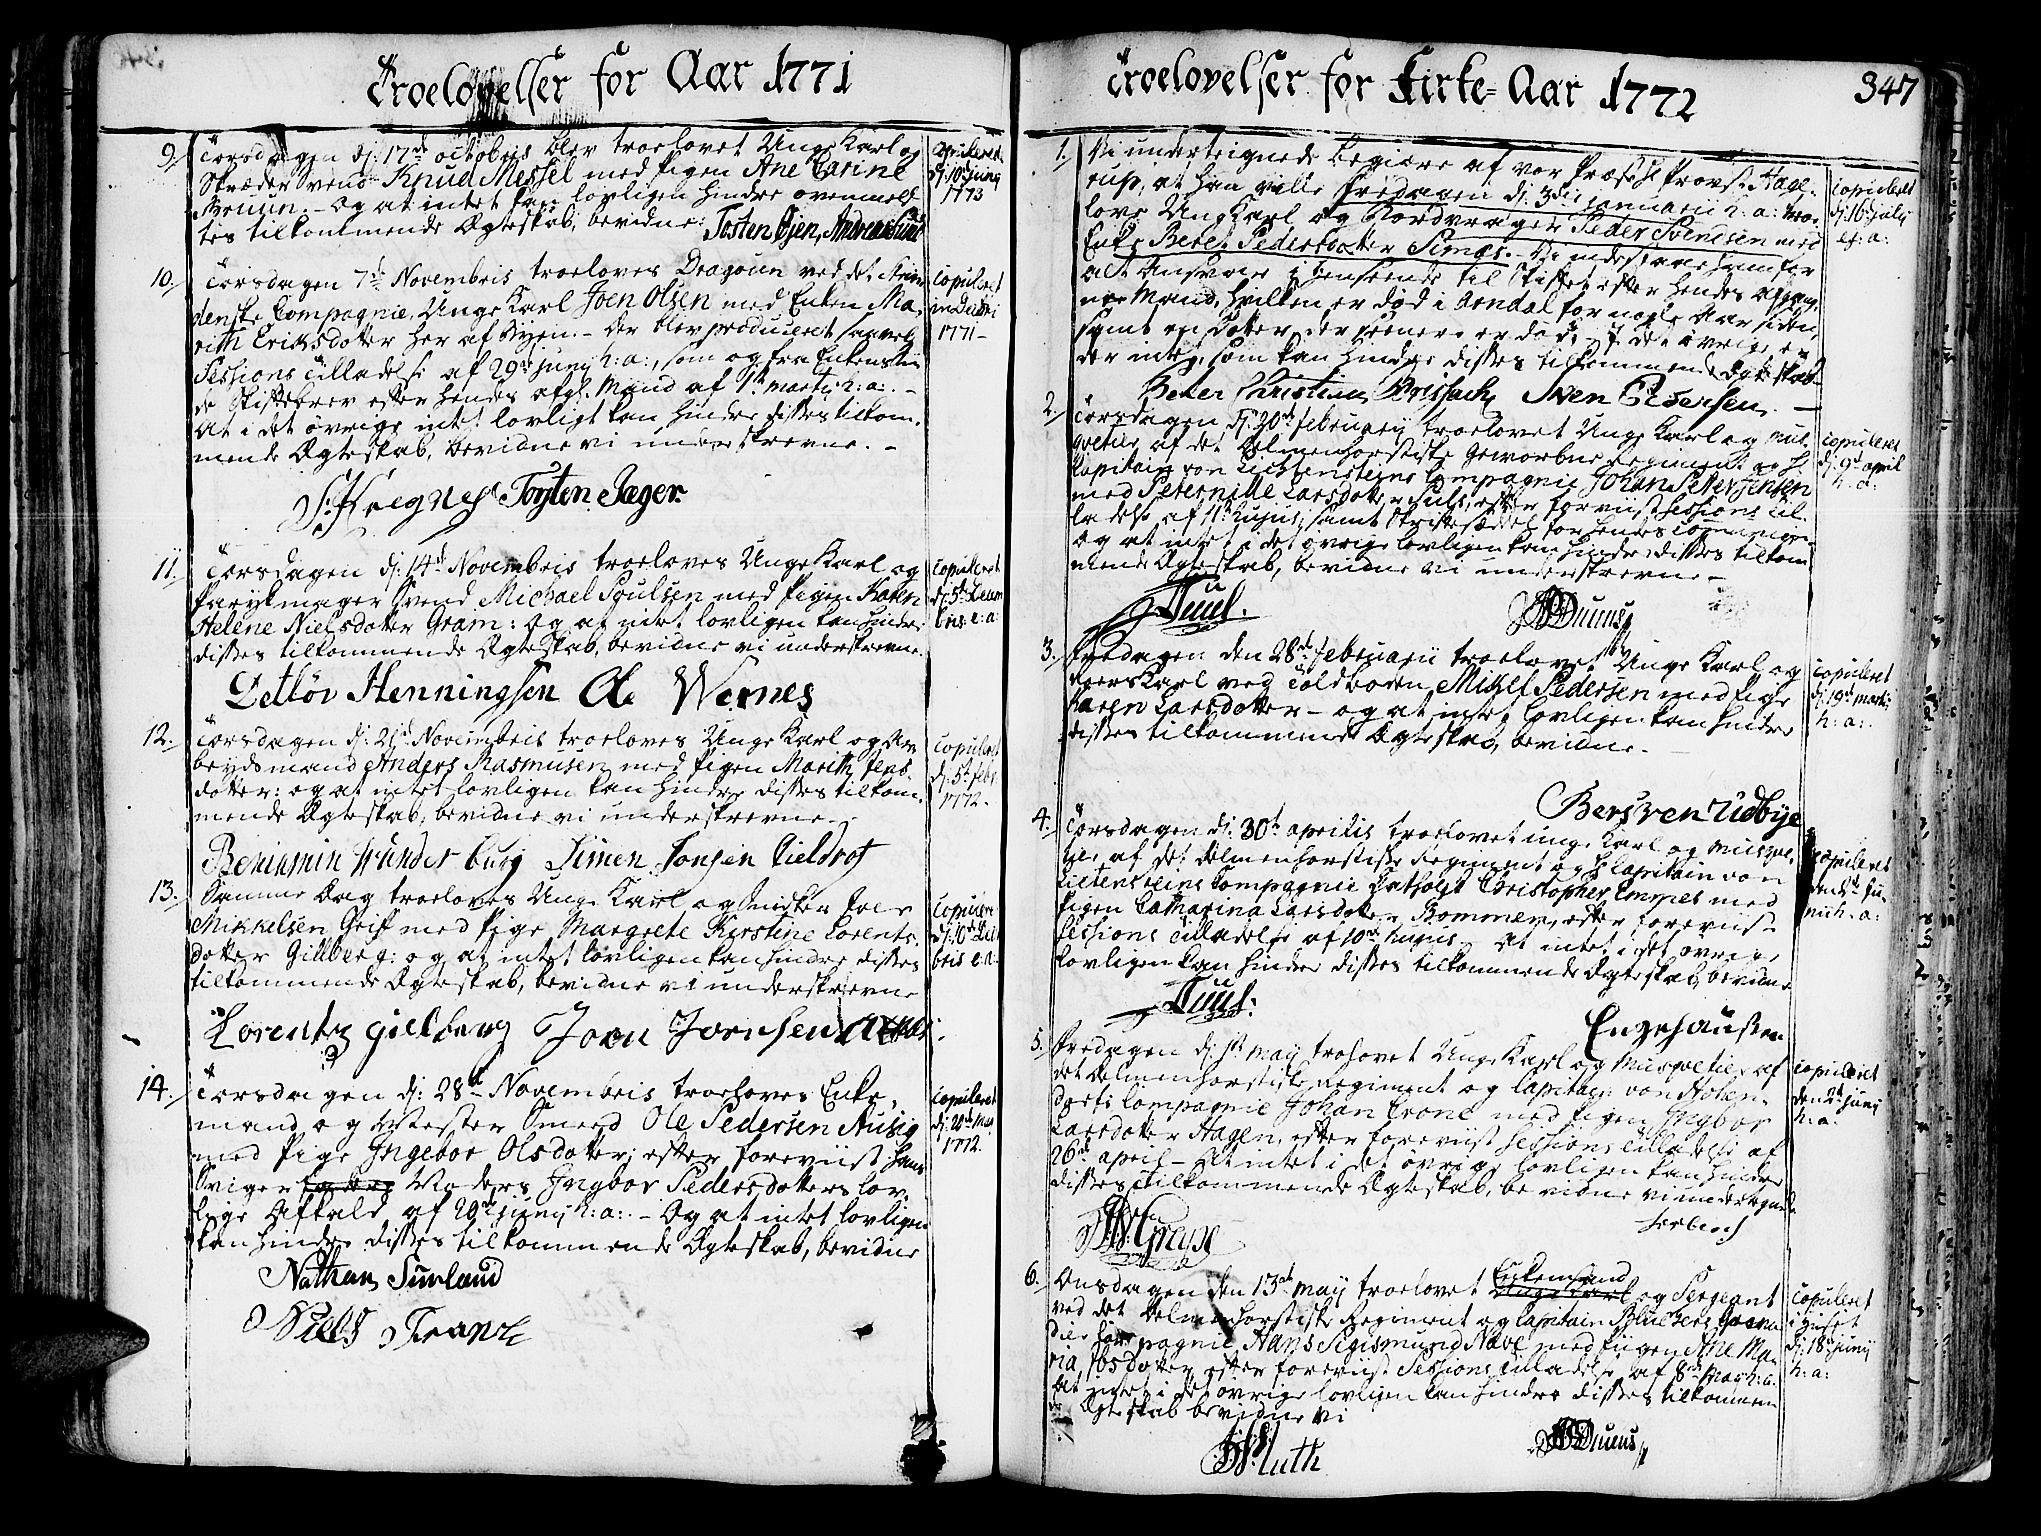 SAT, Ministerialprotokoller, klokkerbøker og fødselsregistre - Sør-Trøndelag, 602/L0103: Ministerialbok nr. 602A01, 1732-1774, s. 347